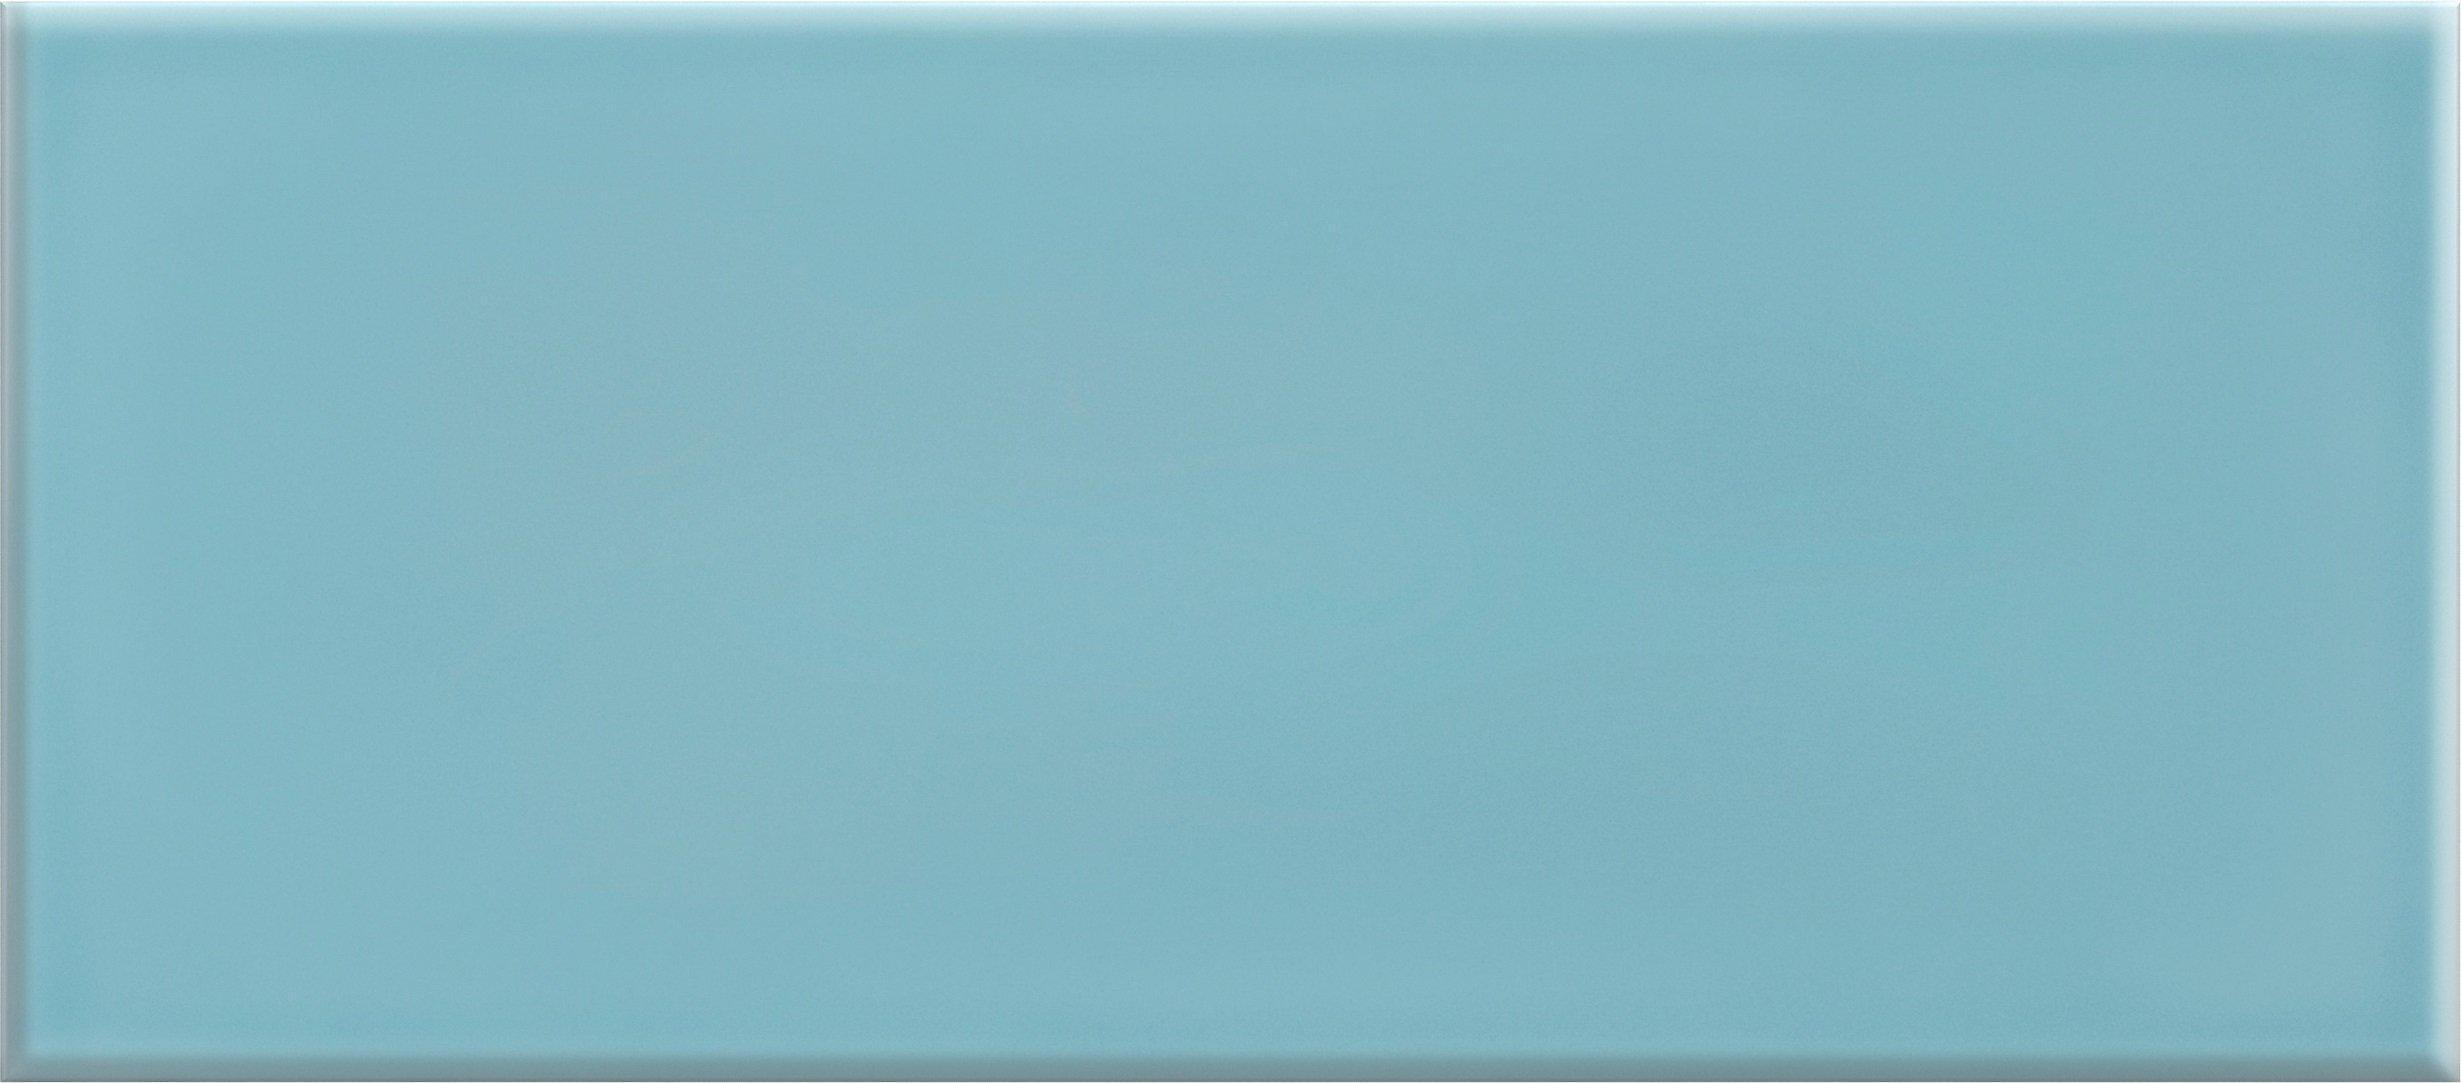 Joy Atoll Blue - obklad 11x25 modrá